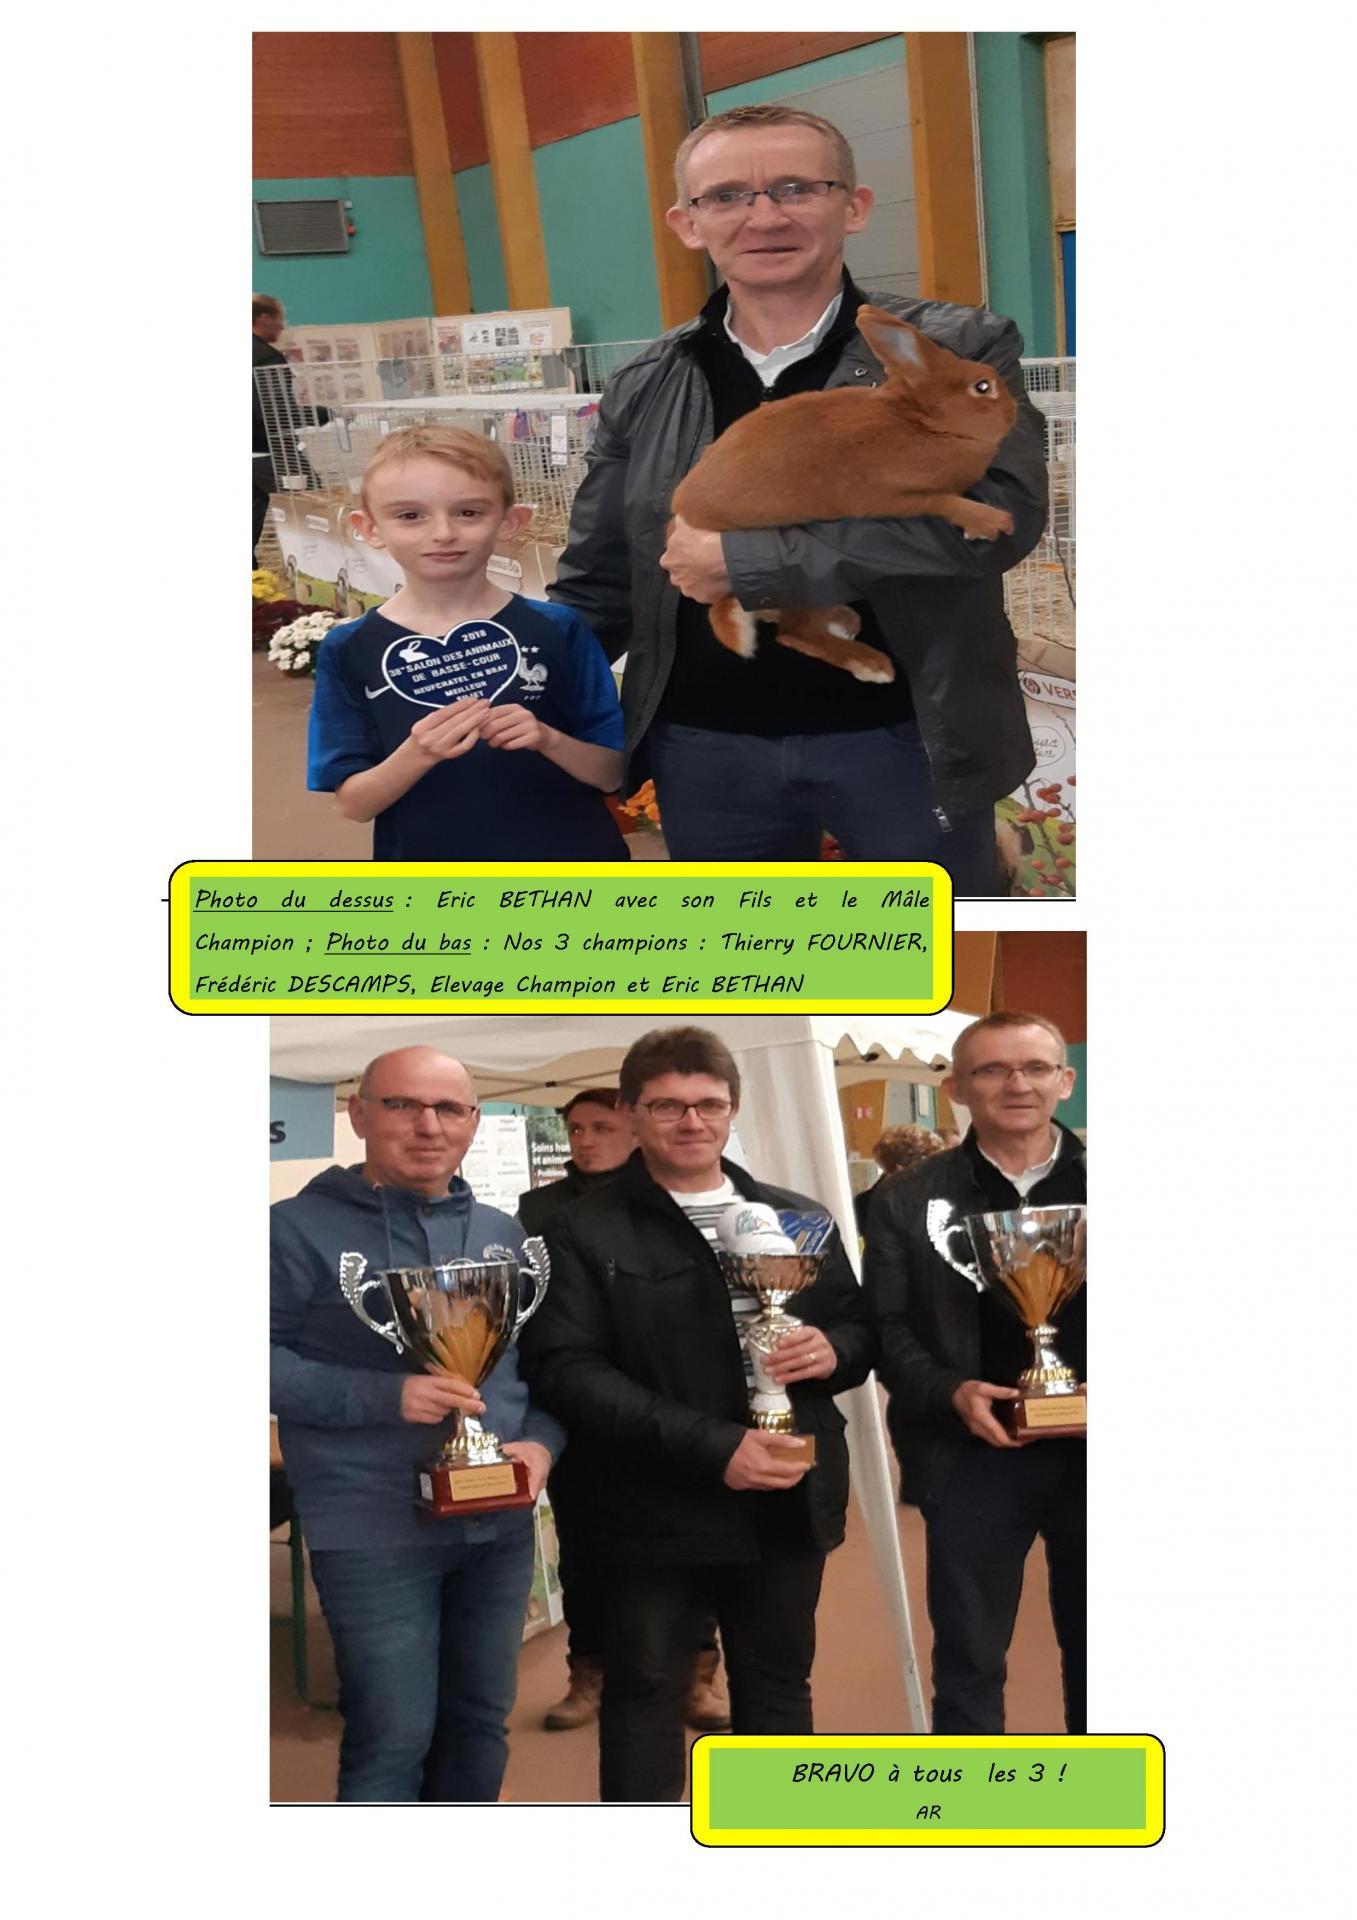 Le concours regional de neufchatel en bray en images 5